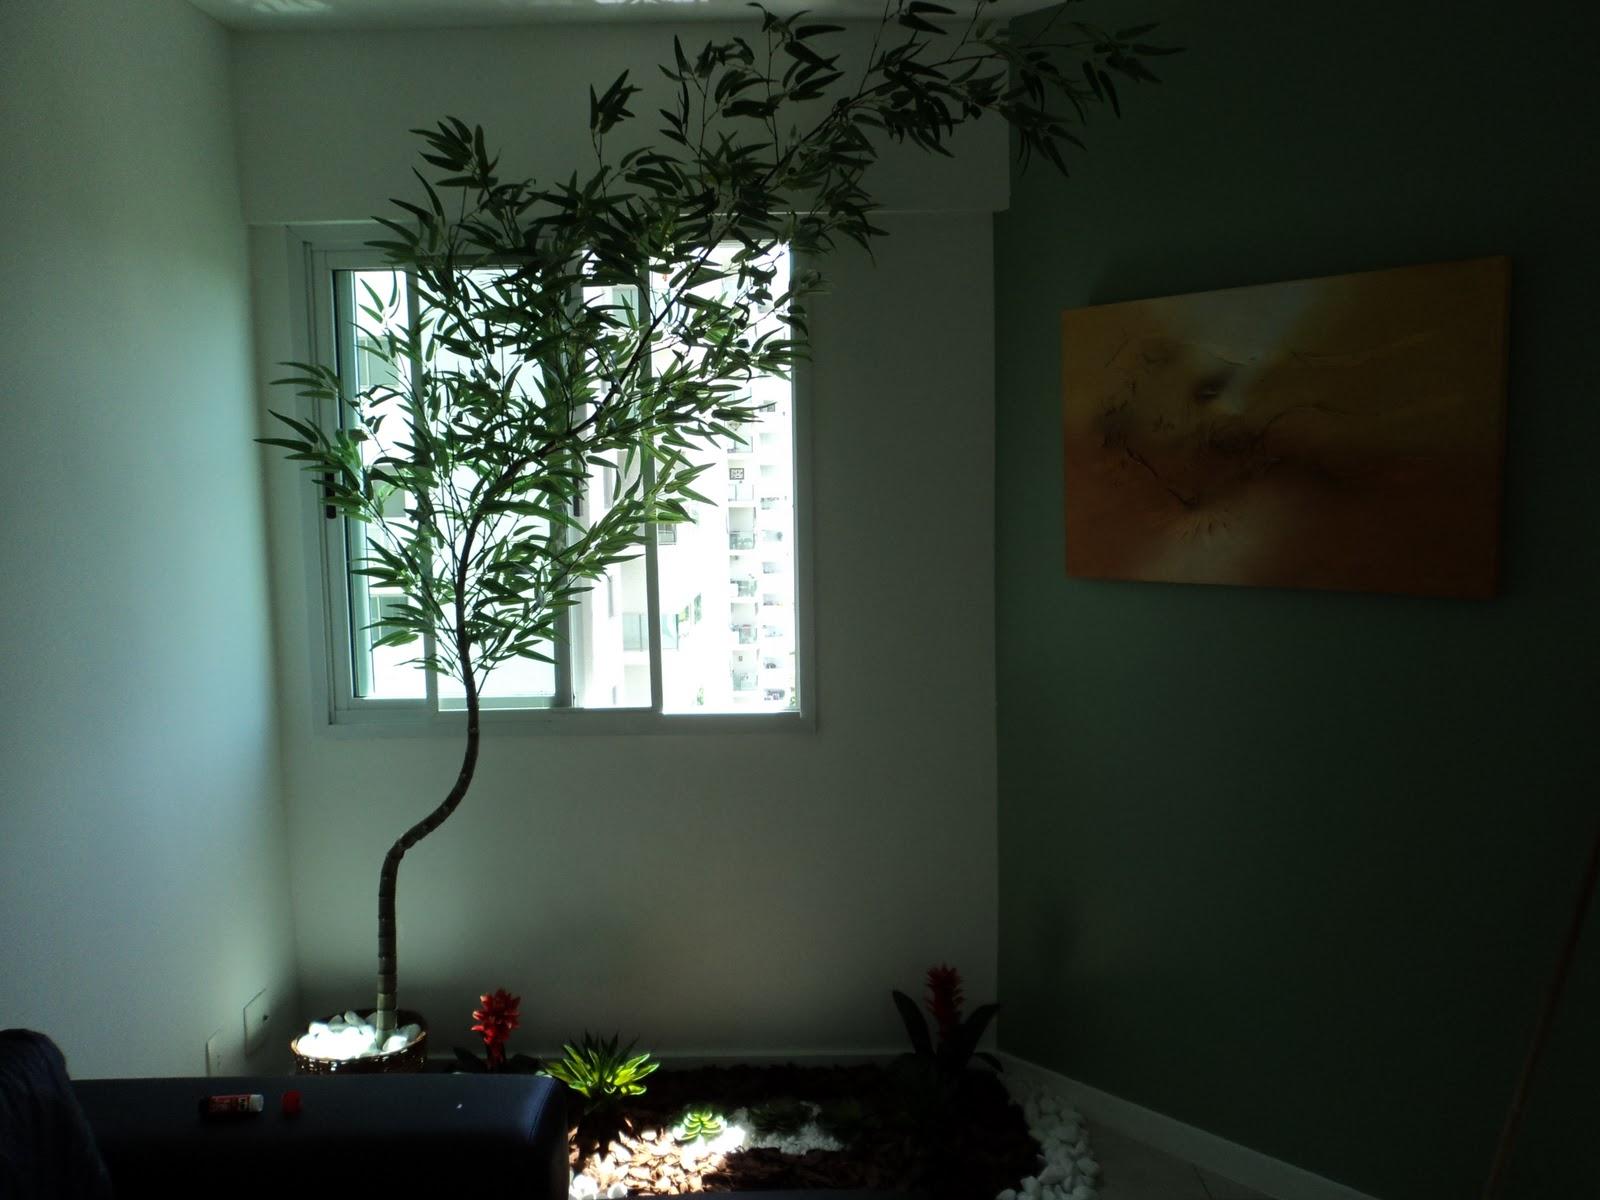 decoracao de interiores jardim de inverno : decoracao de interiores jardim de inverno:DECORAÇAO DE INTERIORES: JARDIM DE INVERNO